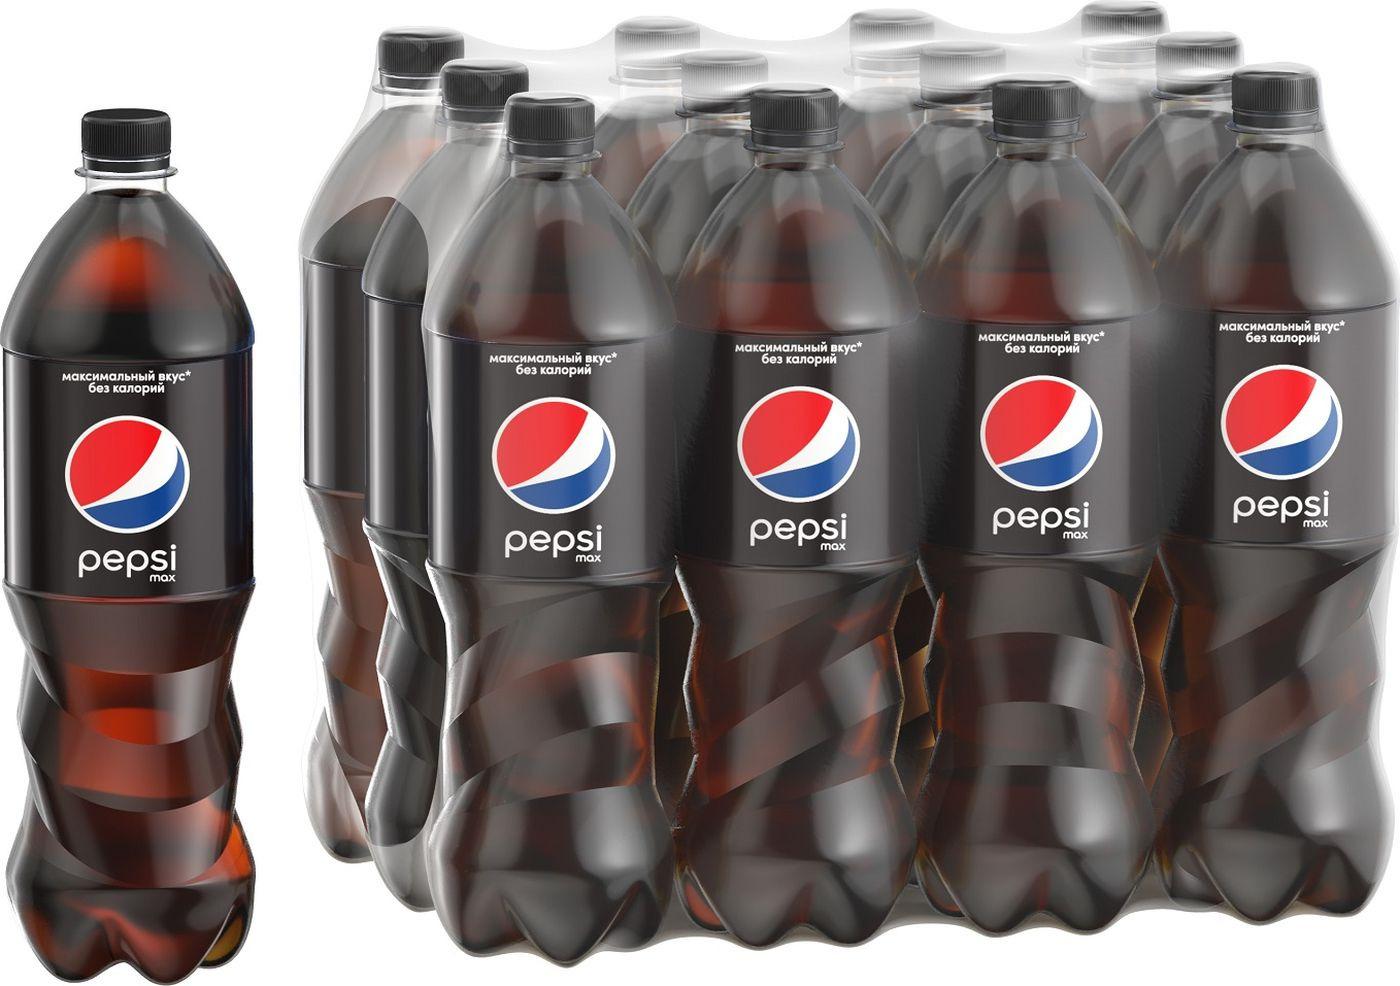 Газированный напиток Pepsi Max, 12 шт по 1 л дрель шуруповерт hyundai expert [a 2020li] 20 в 1 5а ч 1100 об мин бзп 35 нм 2 аккум 1 35 кг кейс